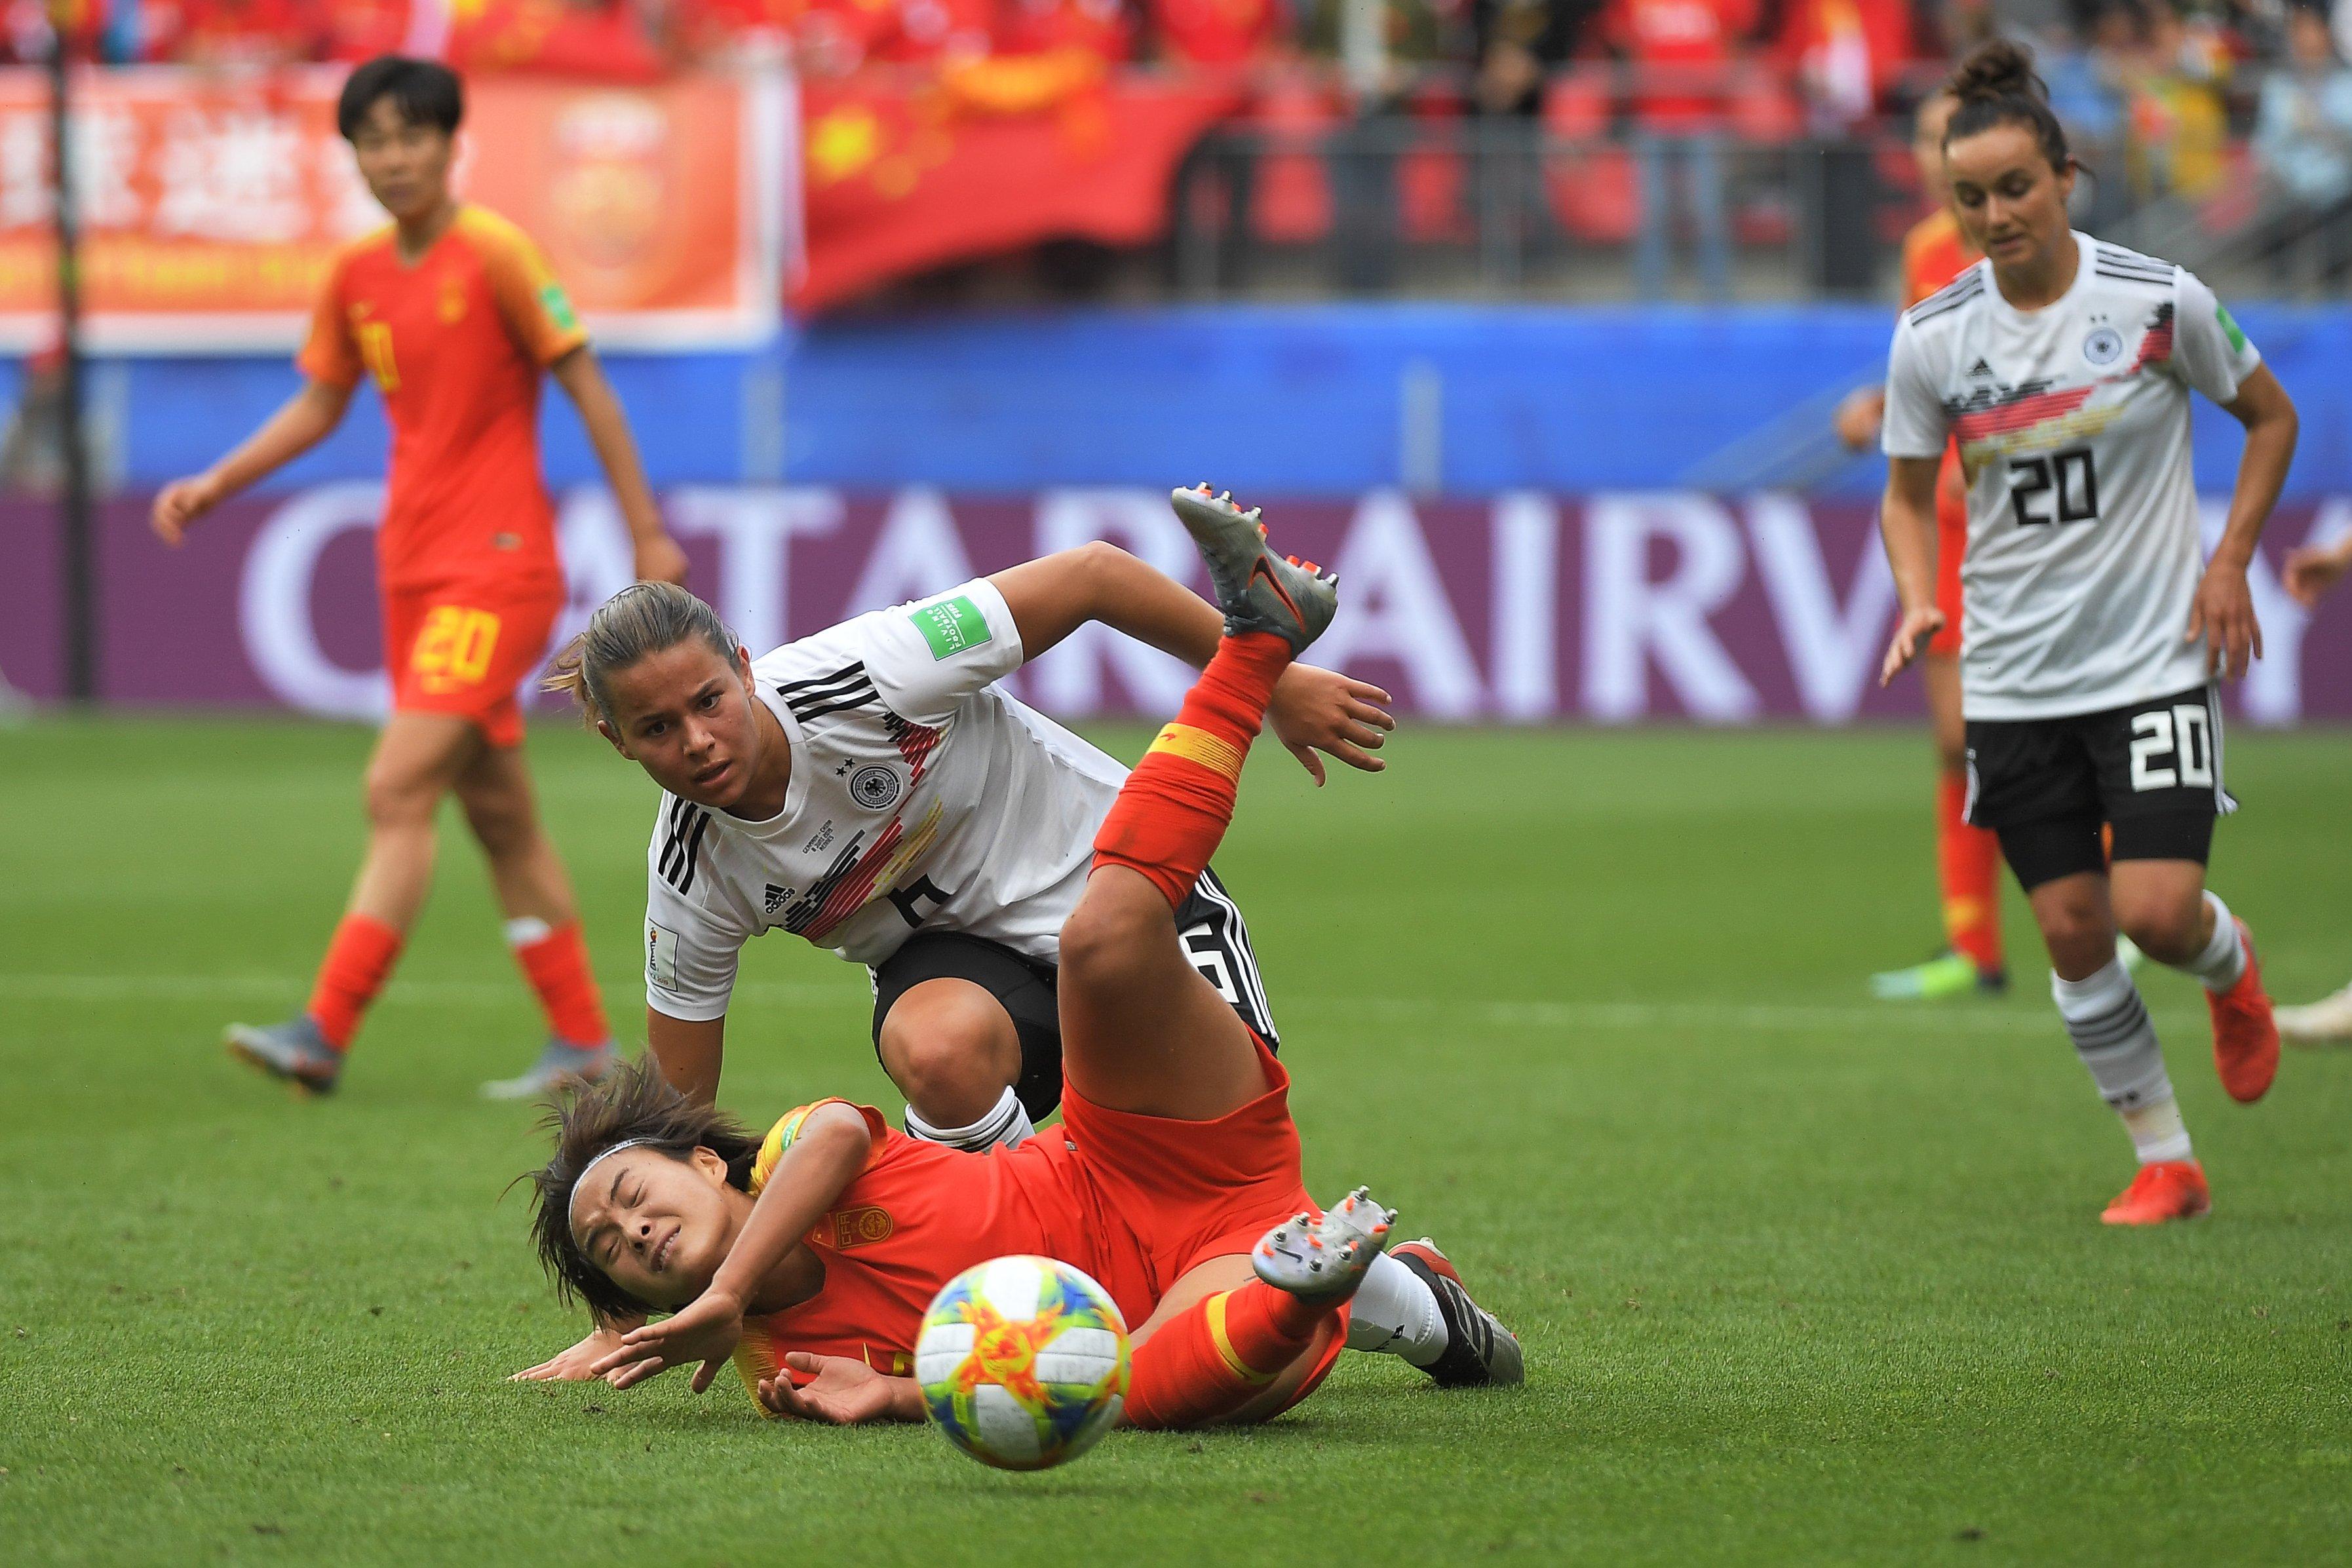 Coupe du monde 2019 - L'Allemagne bat difficilement la Chine (1-0)